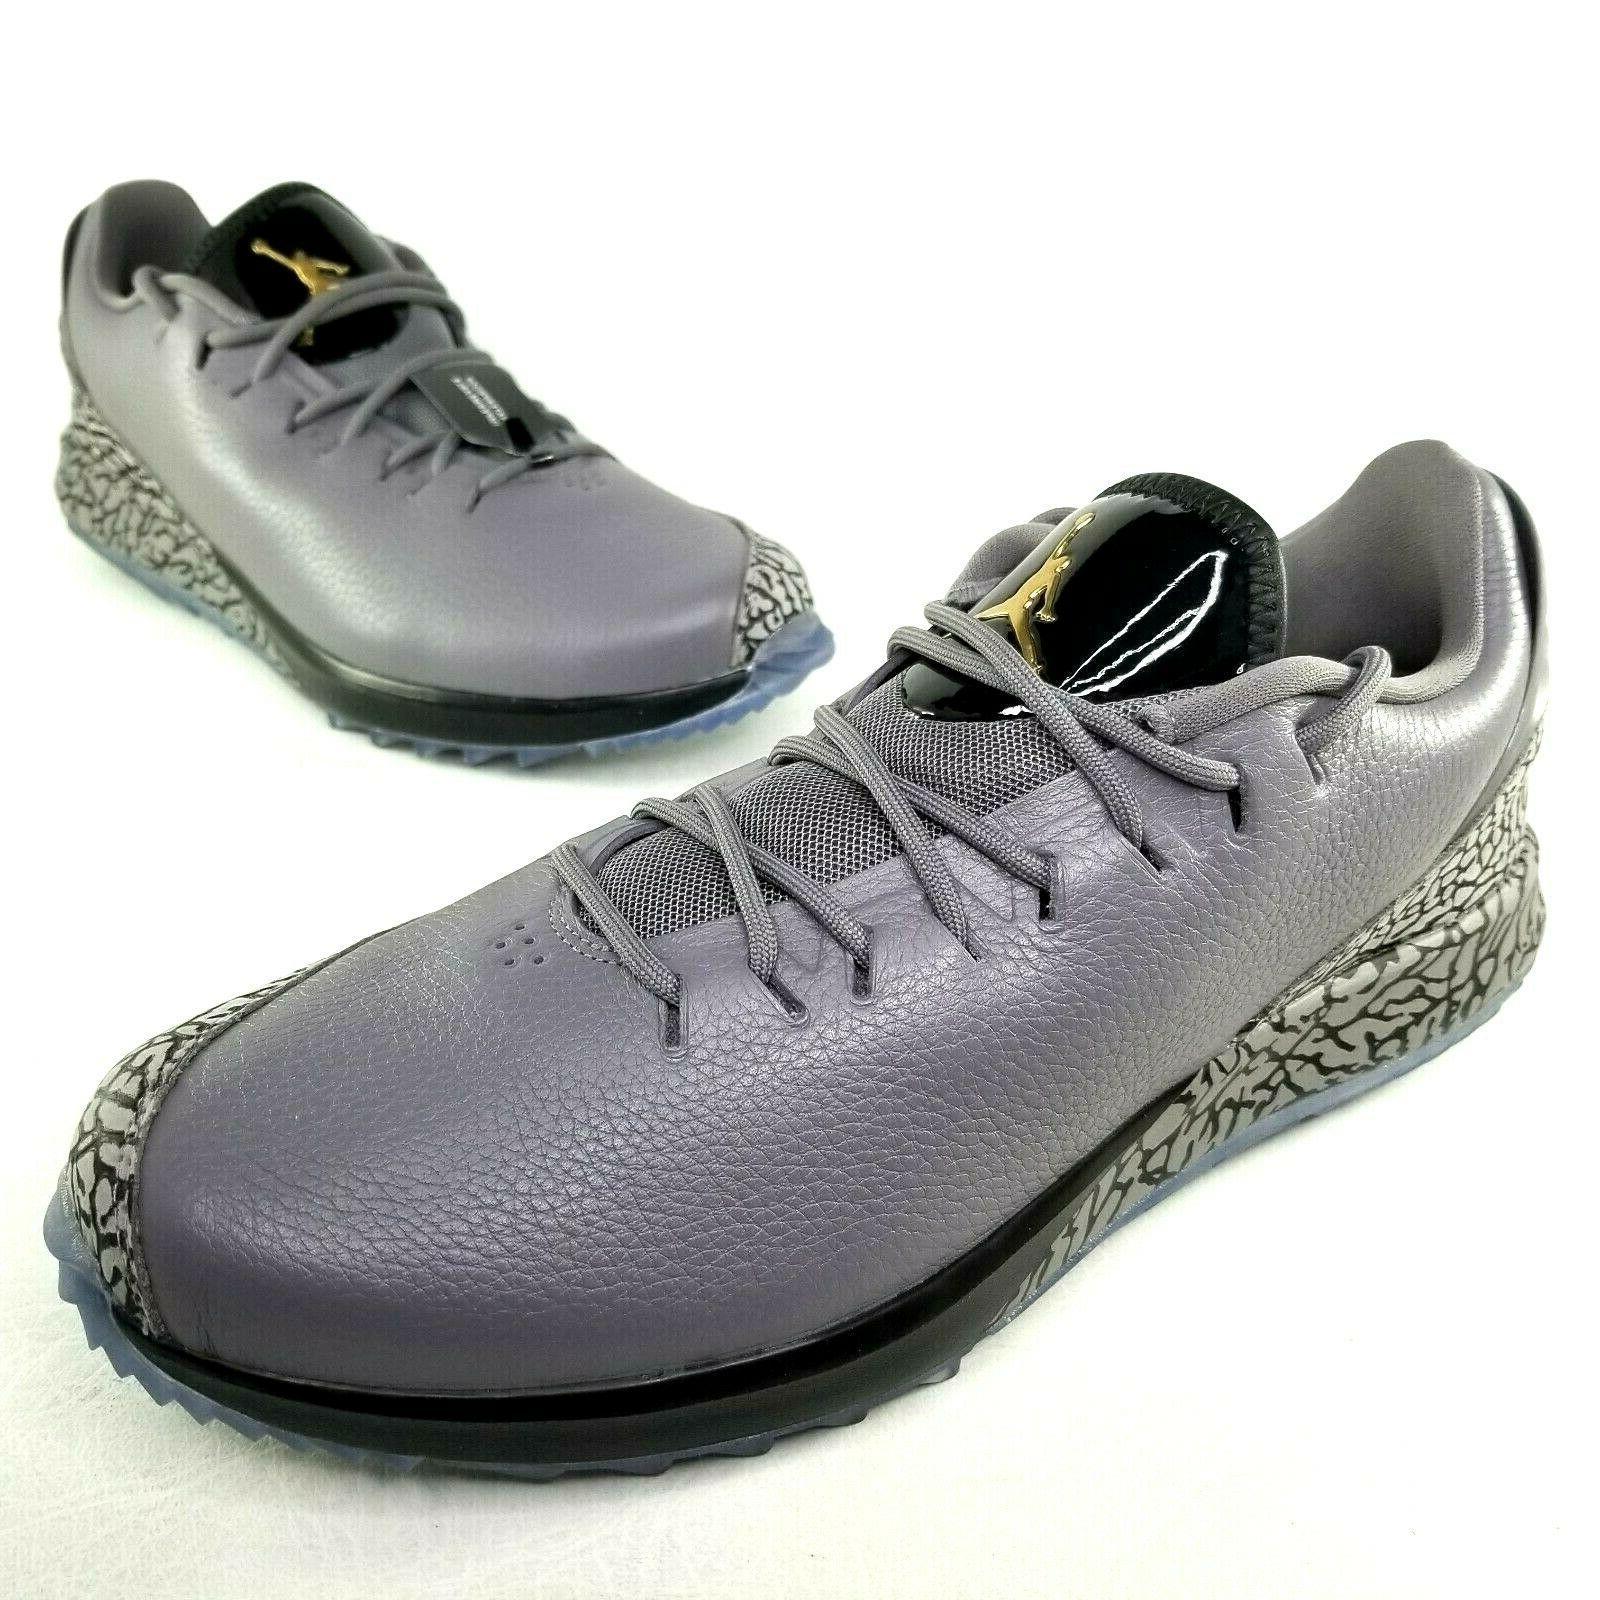 new air jordan adg golf shoes spikeless